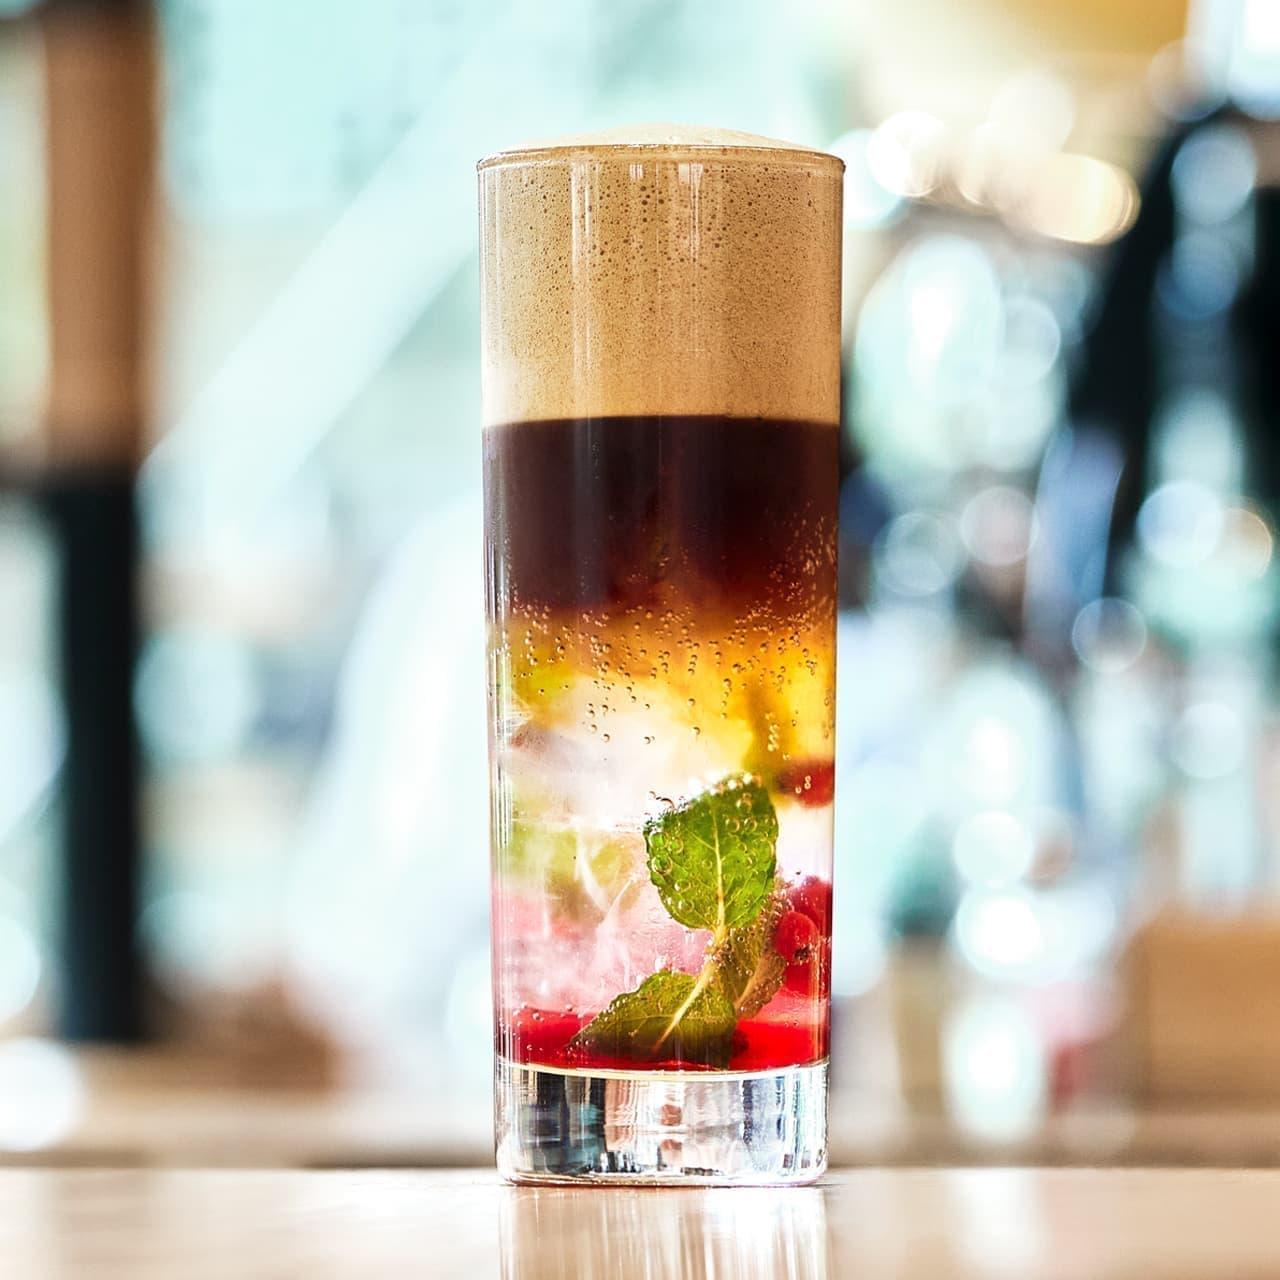 スターバックス リザーブ ロースタリー 東京「コーヒー チェリー トニック」